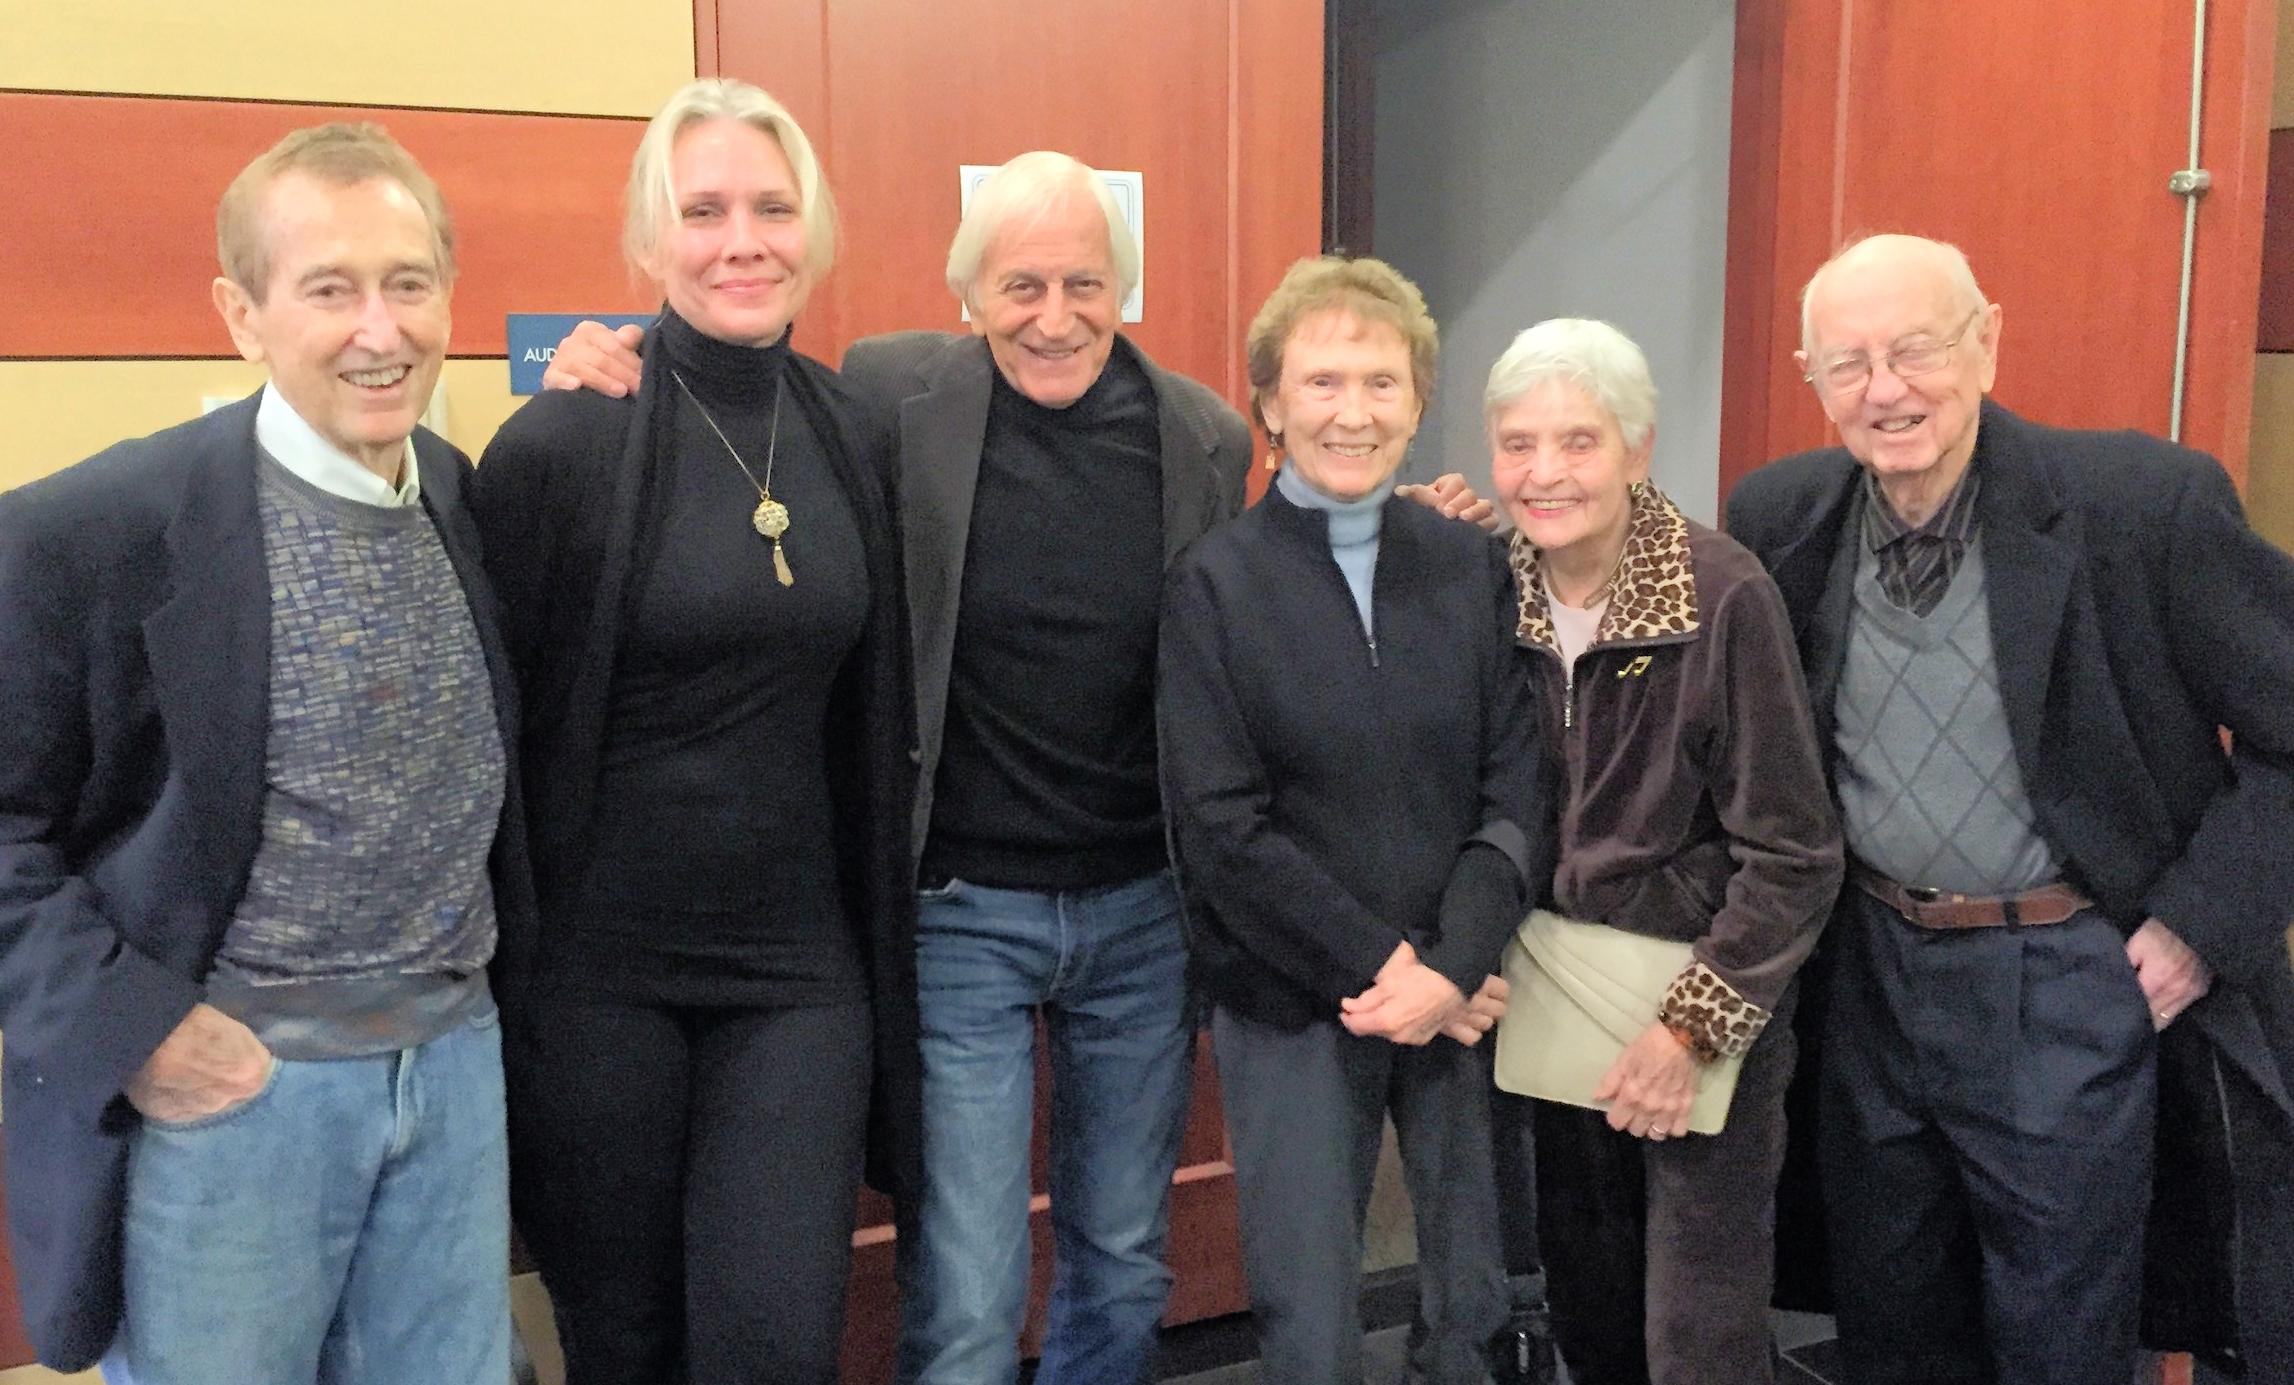 Bob McGrath, Stevie Holland, Gary Friedman, Ann McGrath, Vye Messner & Fred Messner